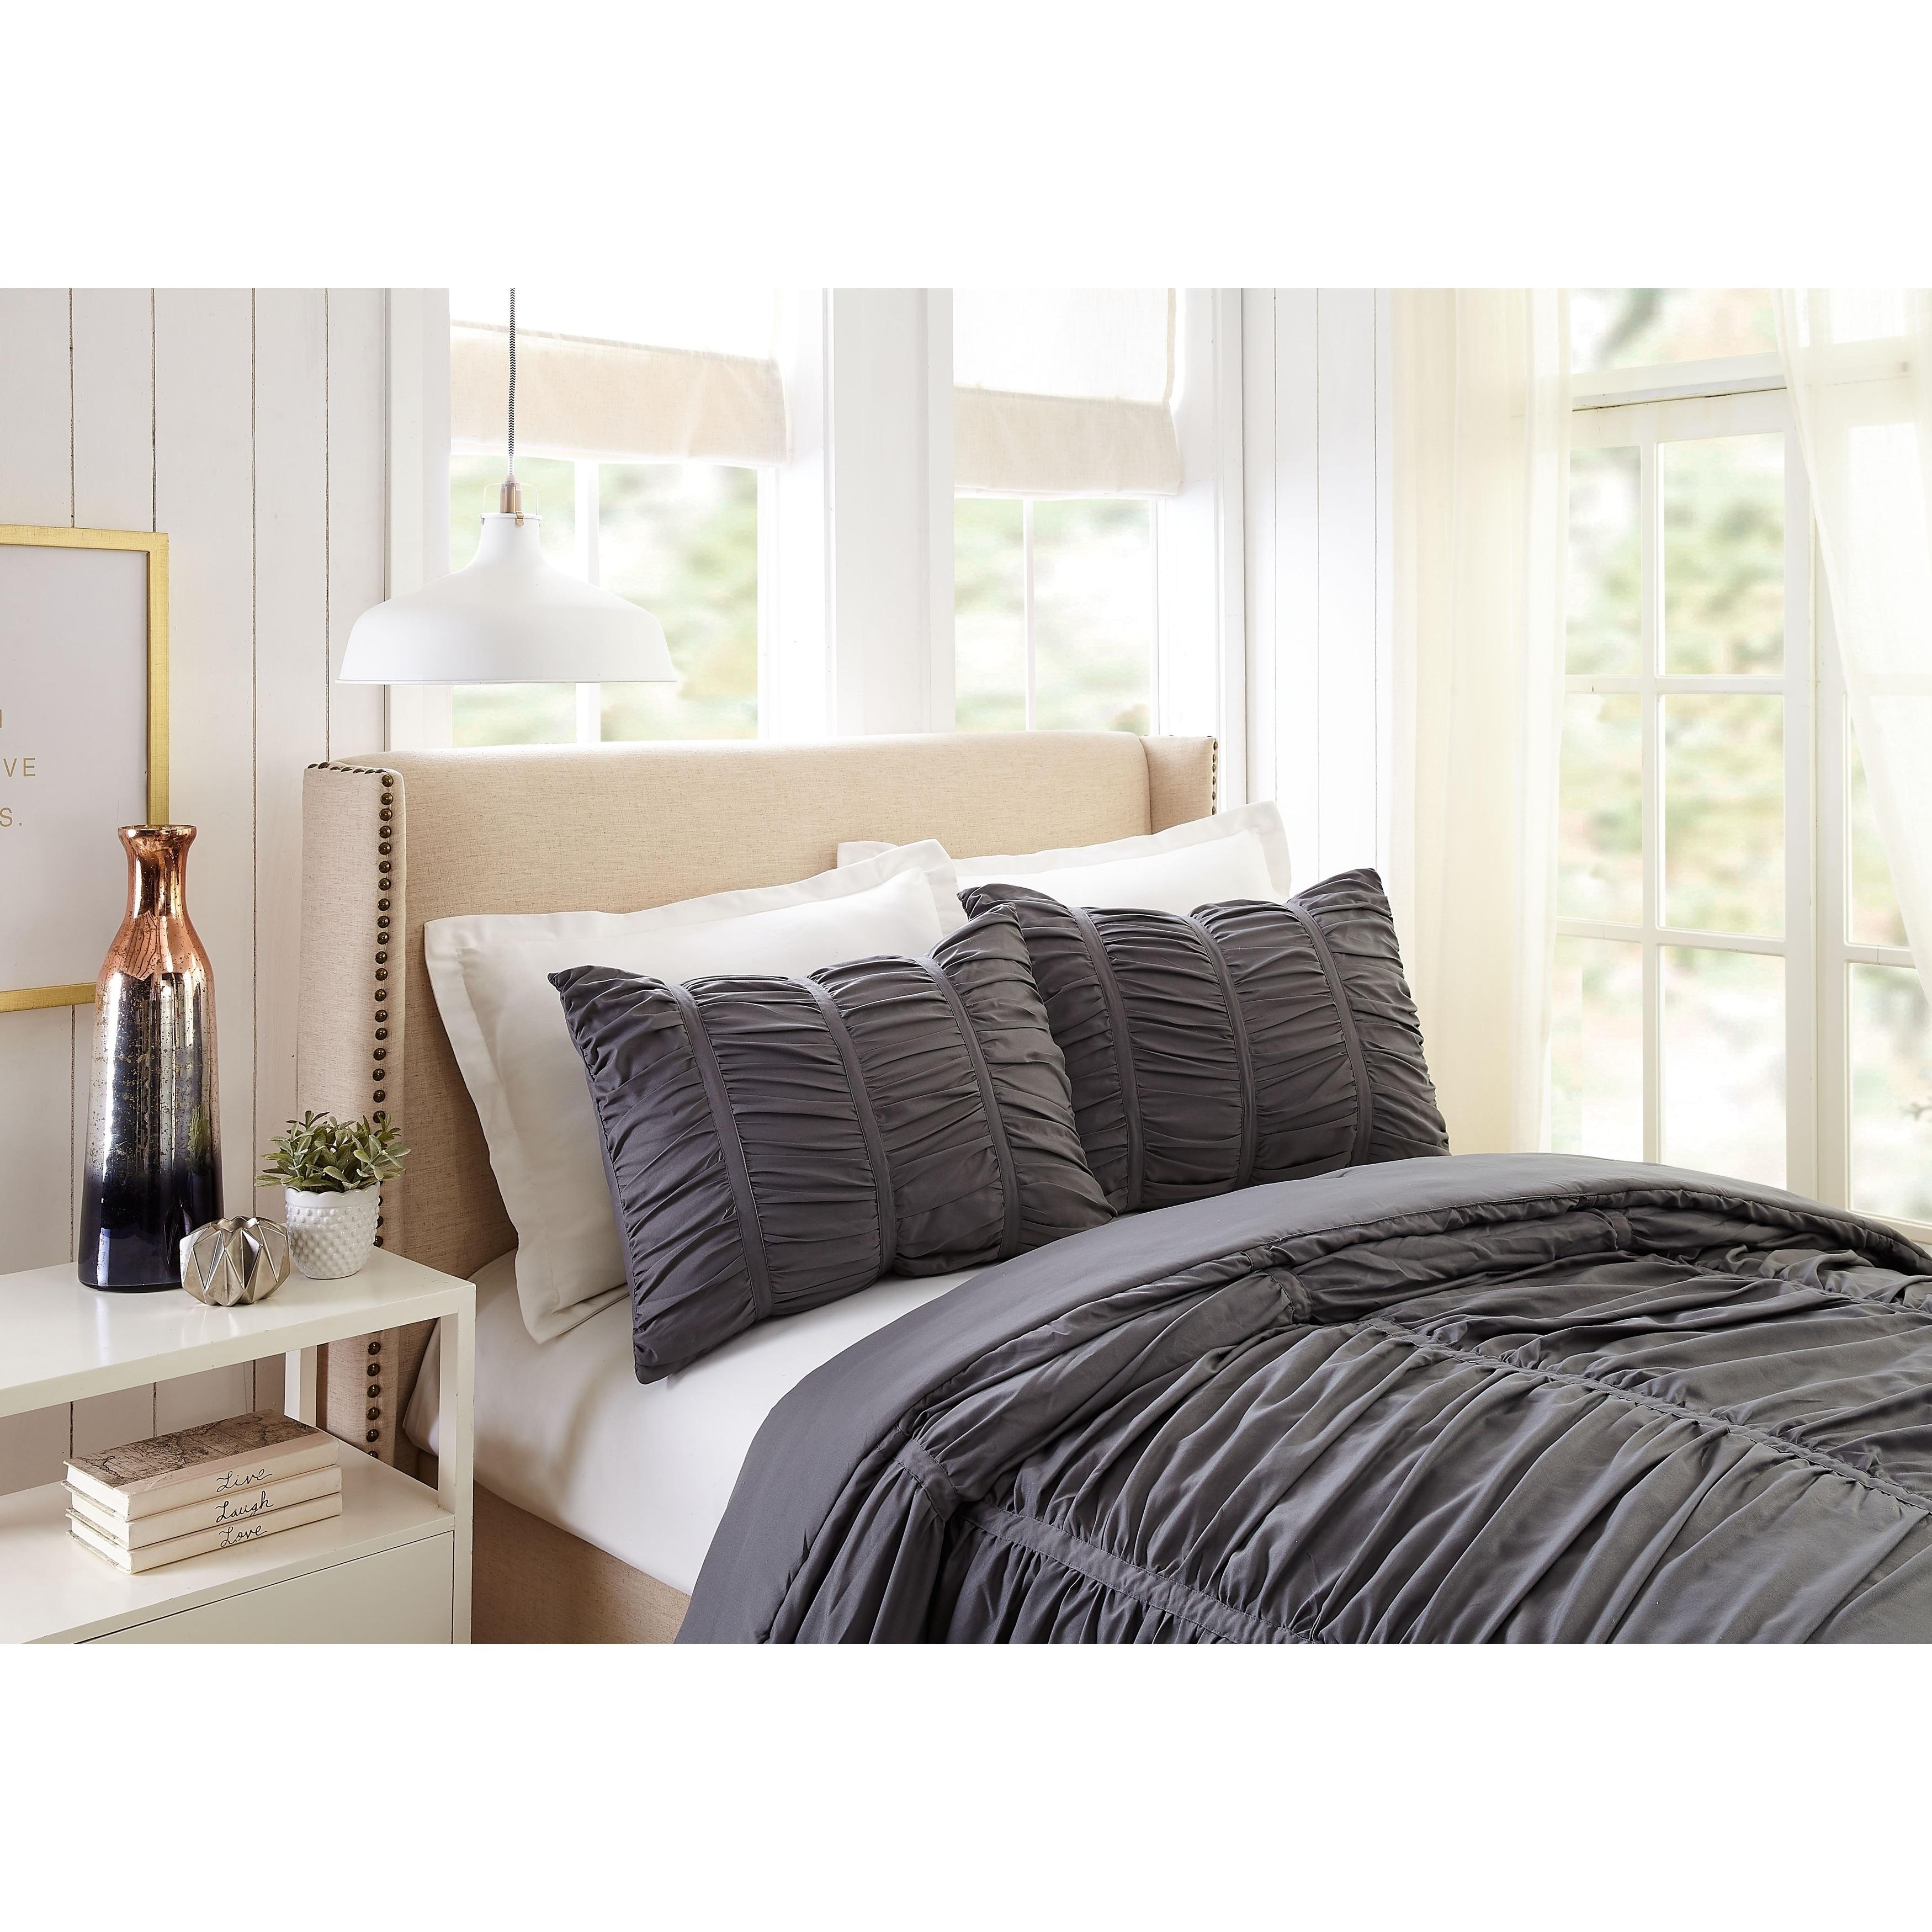 Emily Texture Twin Twin Xl Comforter Set Dark Gray Overstock 28964219